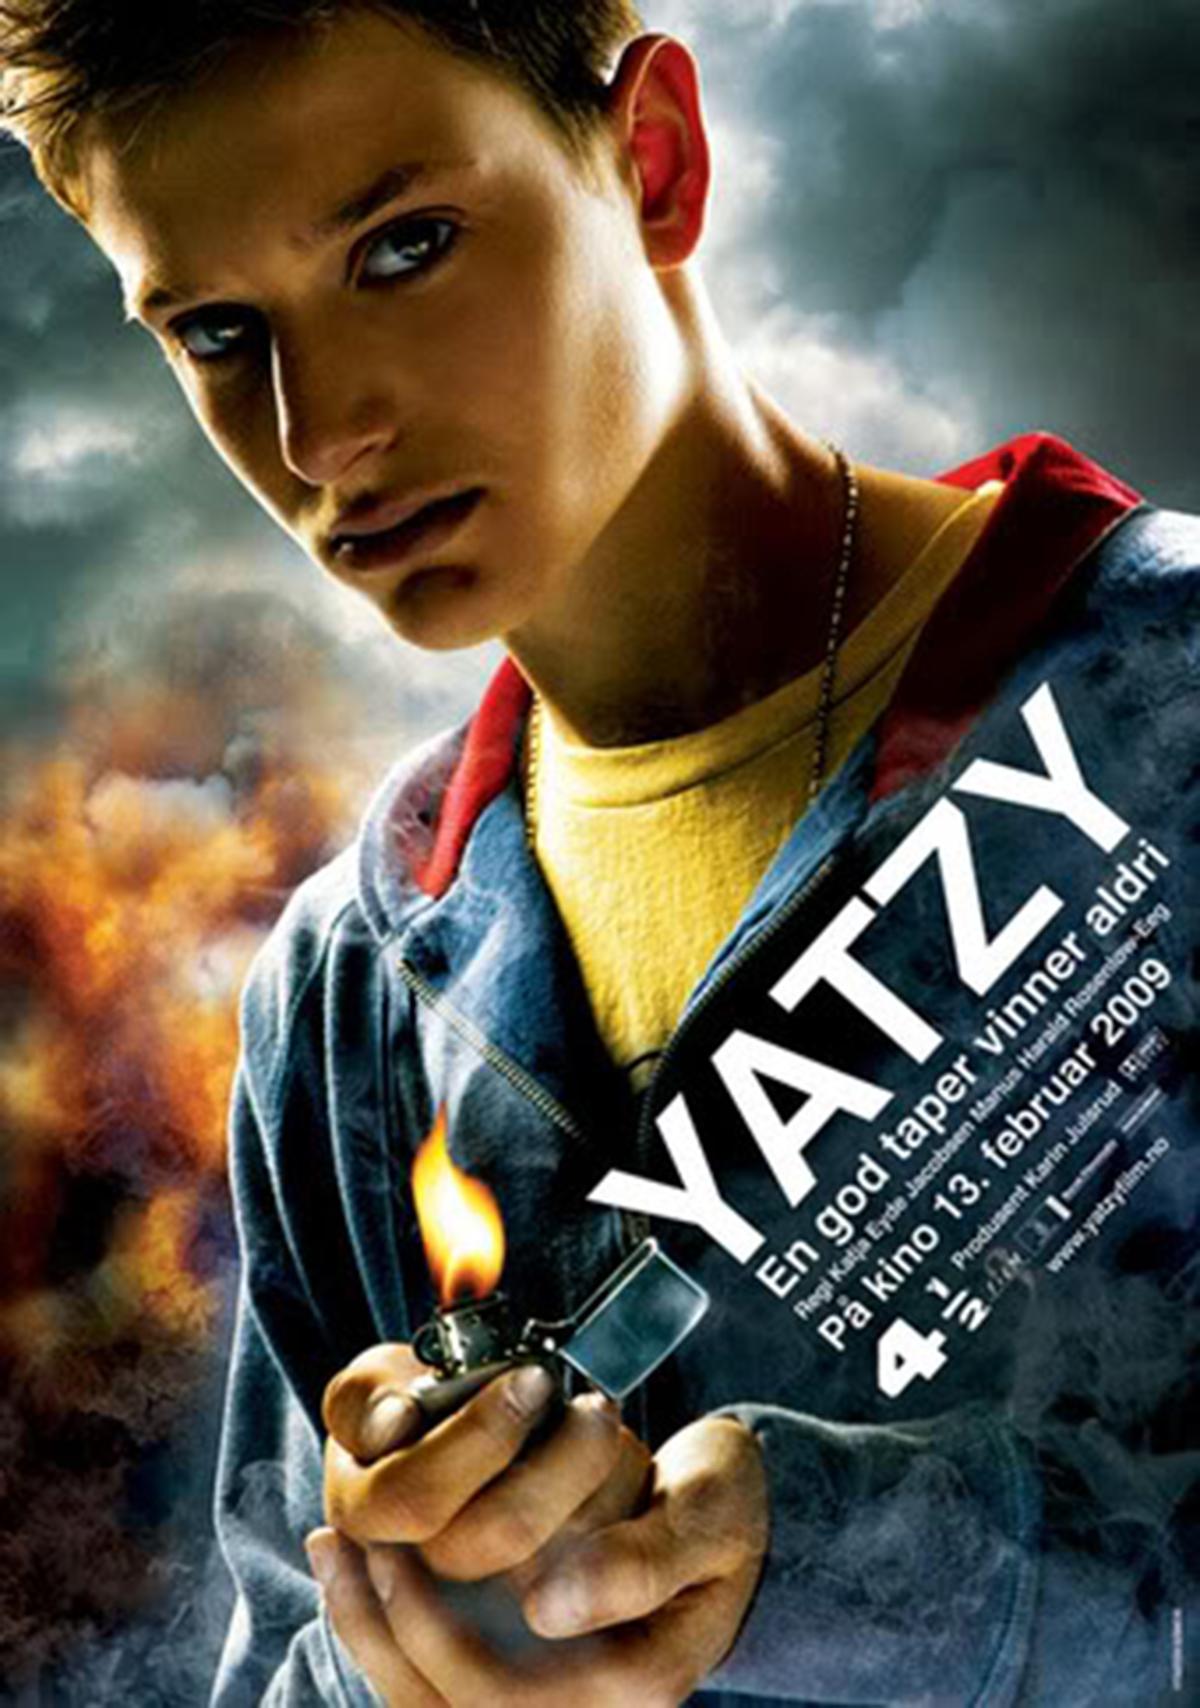 yatzy_film